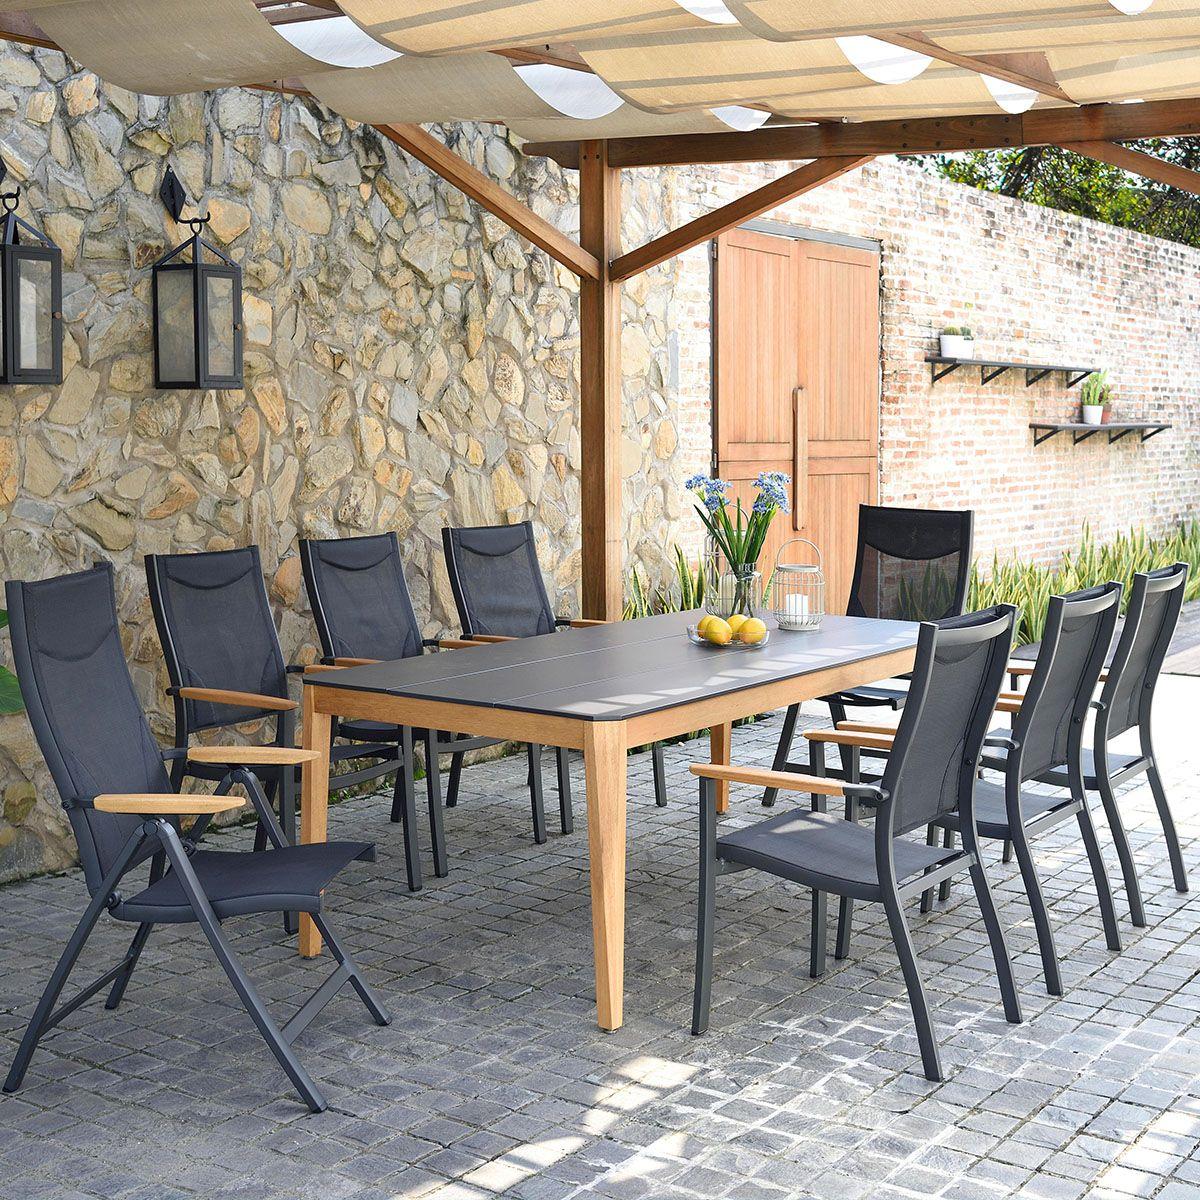 Gartentisch Tisch Fur Den Garten Holztisch Metallplatte Gartenmobel Mobel Fur Den Garten Garten Draussen Garte Gartentisch Gartentisch Holz Gartensessel